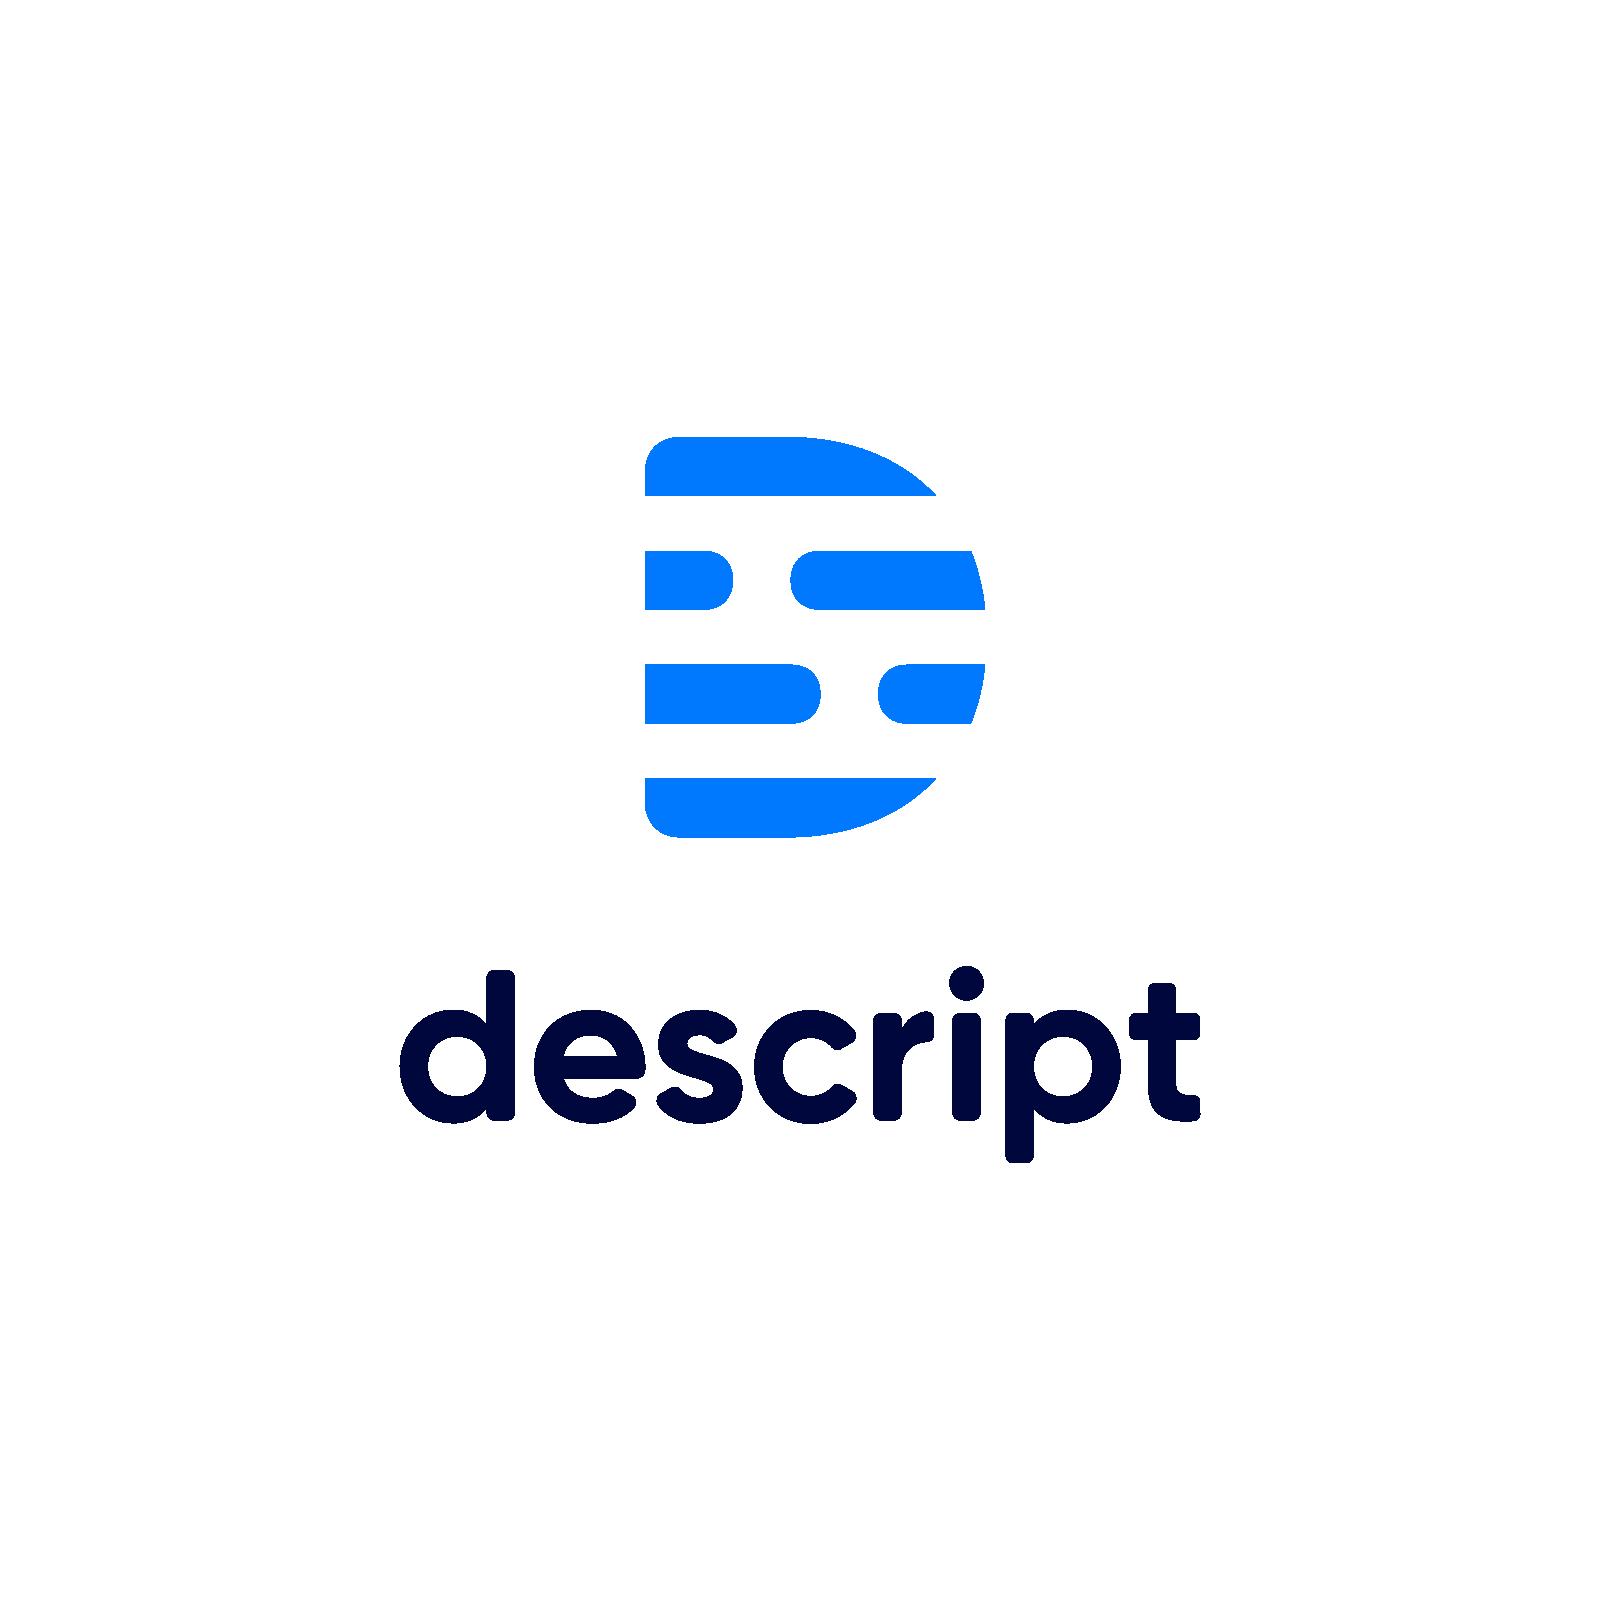 Descript.com